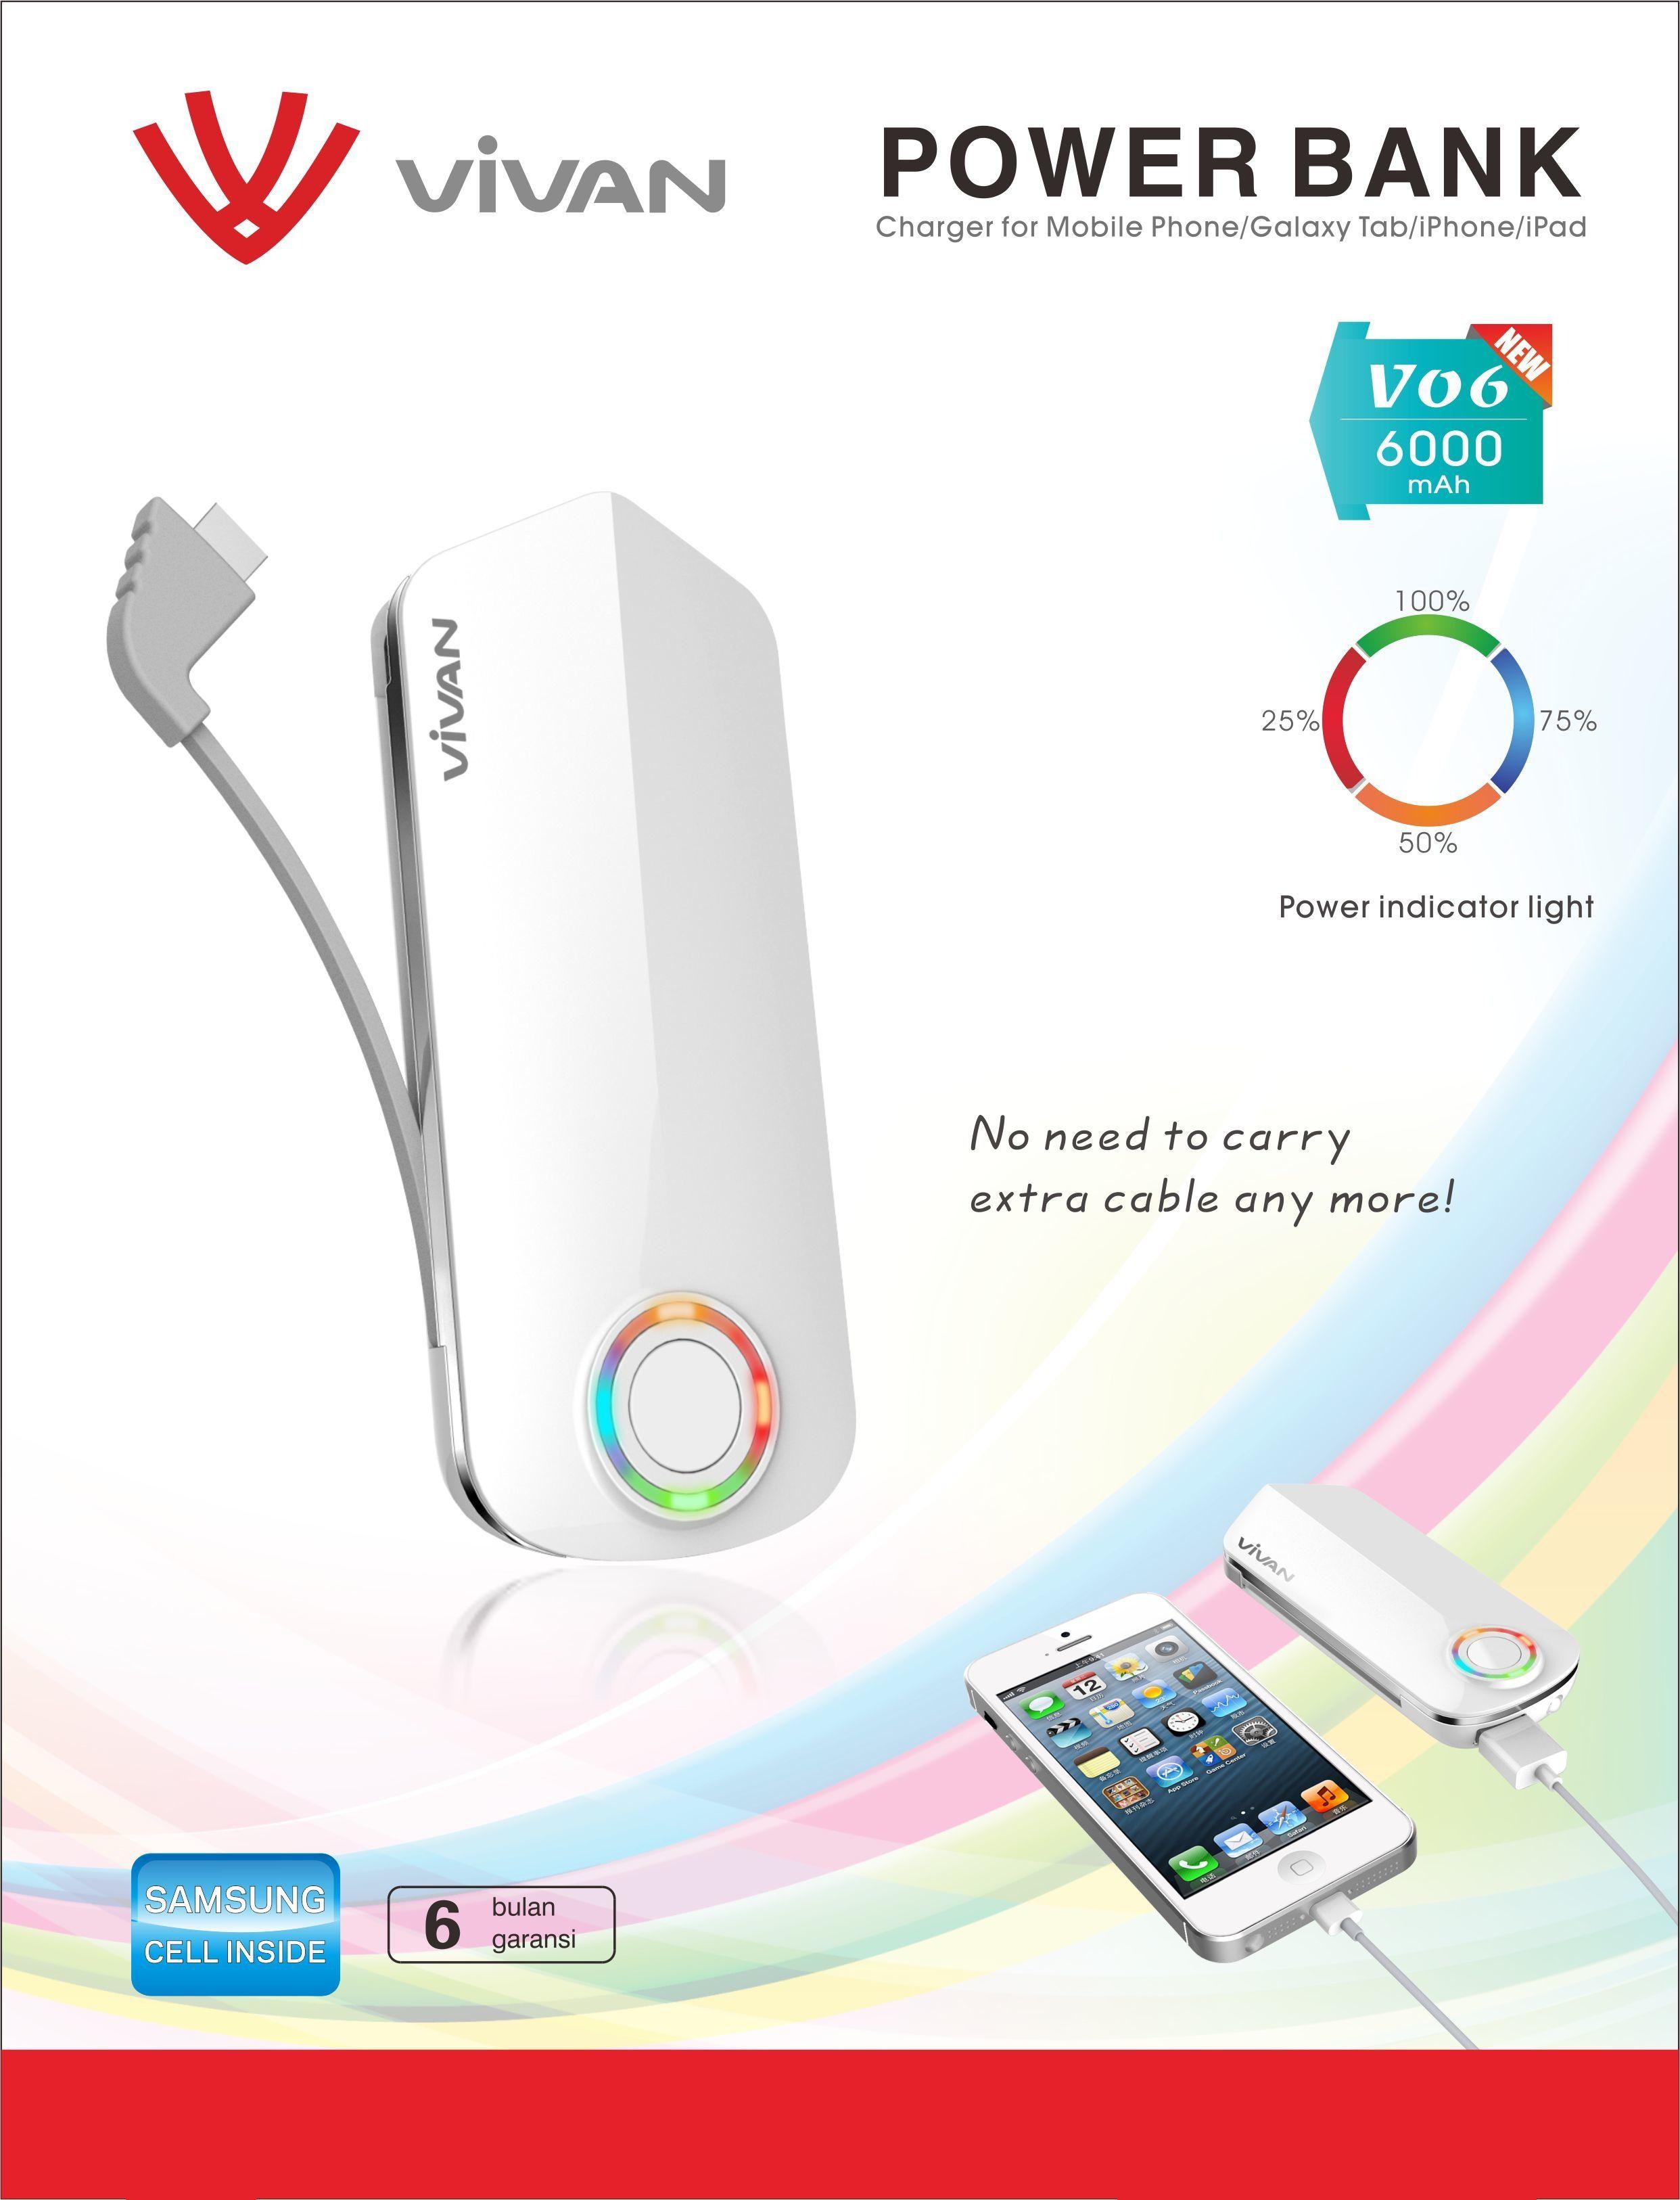 Daftar Harga Power Bank Vivan Terbaru 2015 Ponsel Elektronik